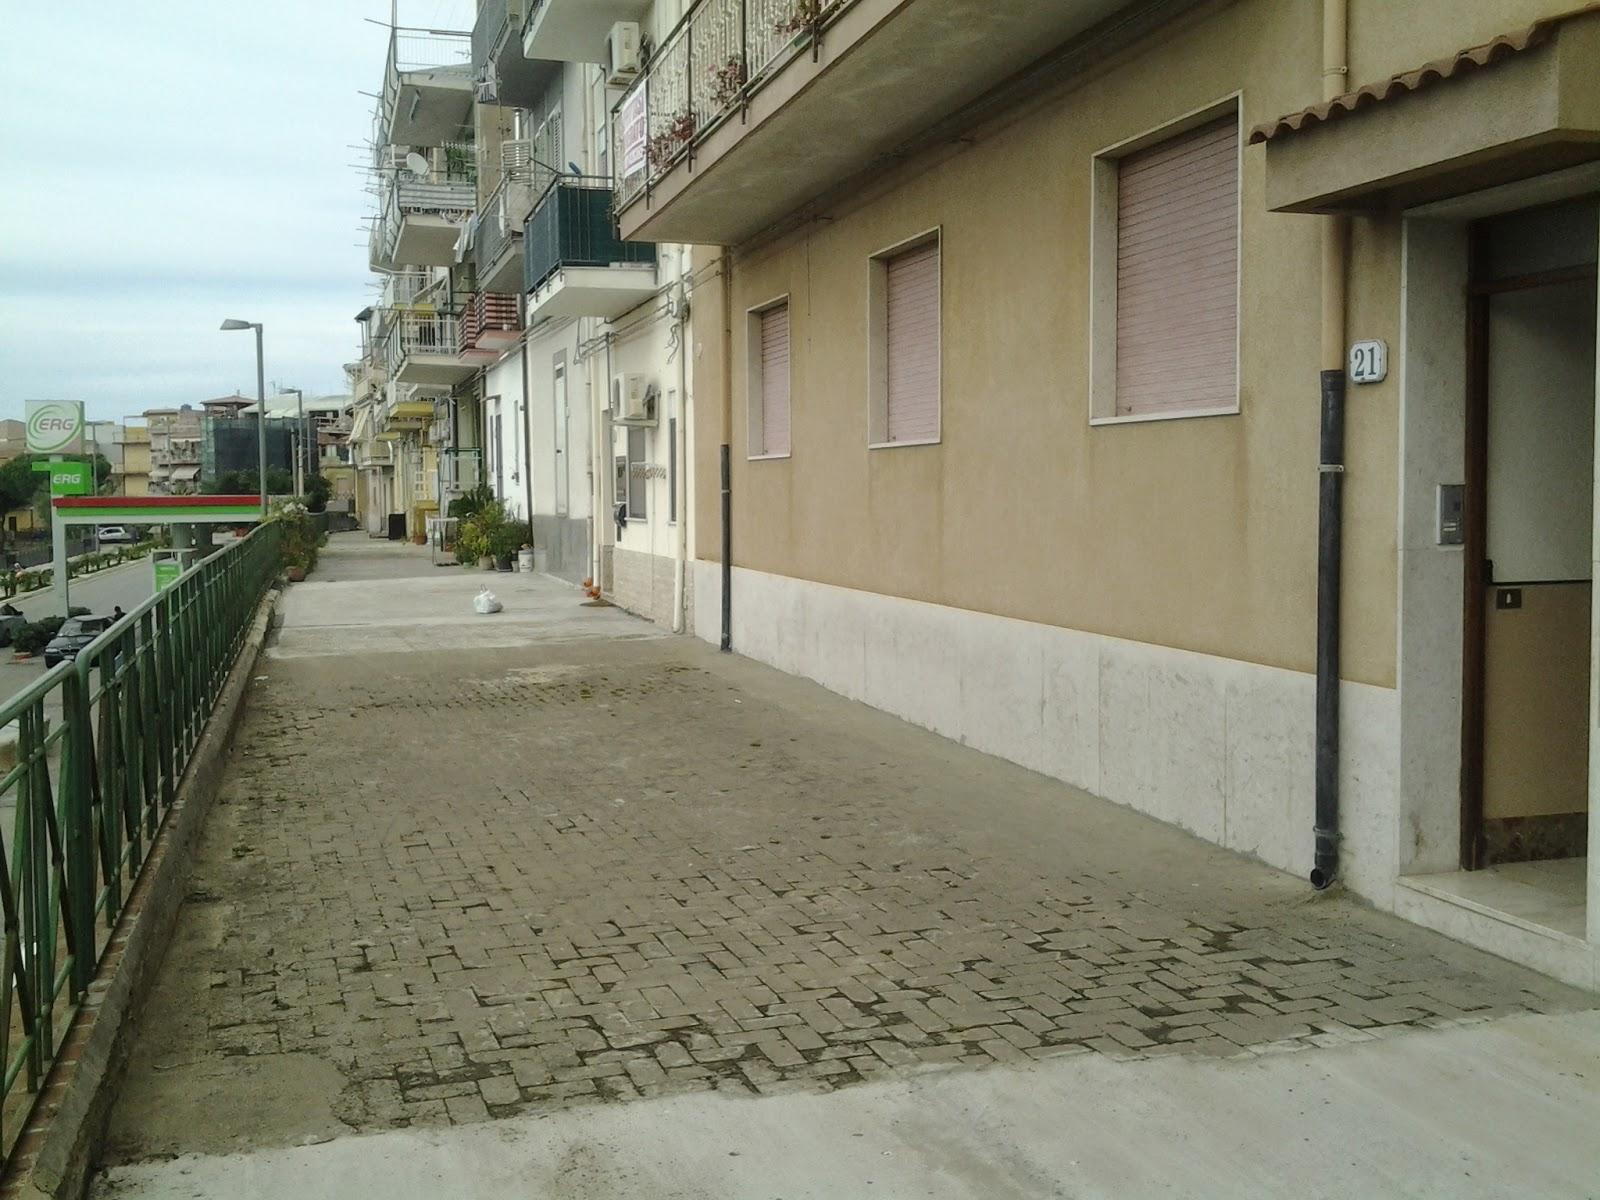 Architetto gaetano frud lavori di manutenzione for Lavori di manutenzione straordinaria